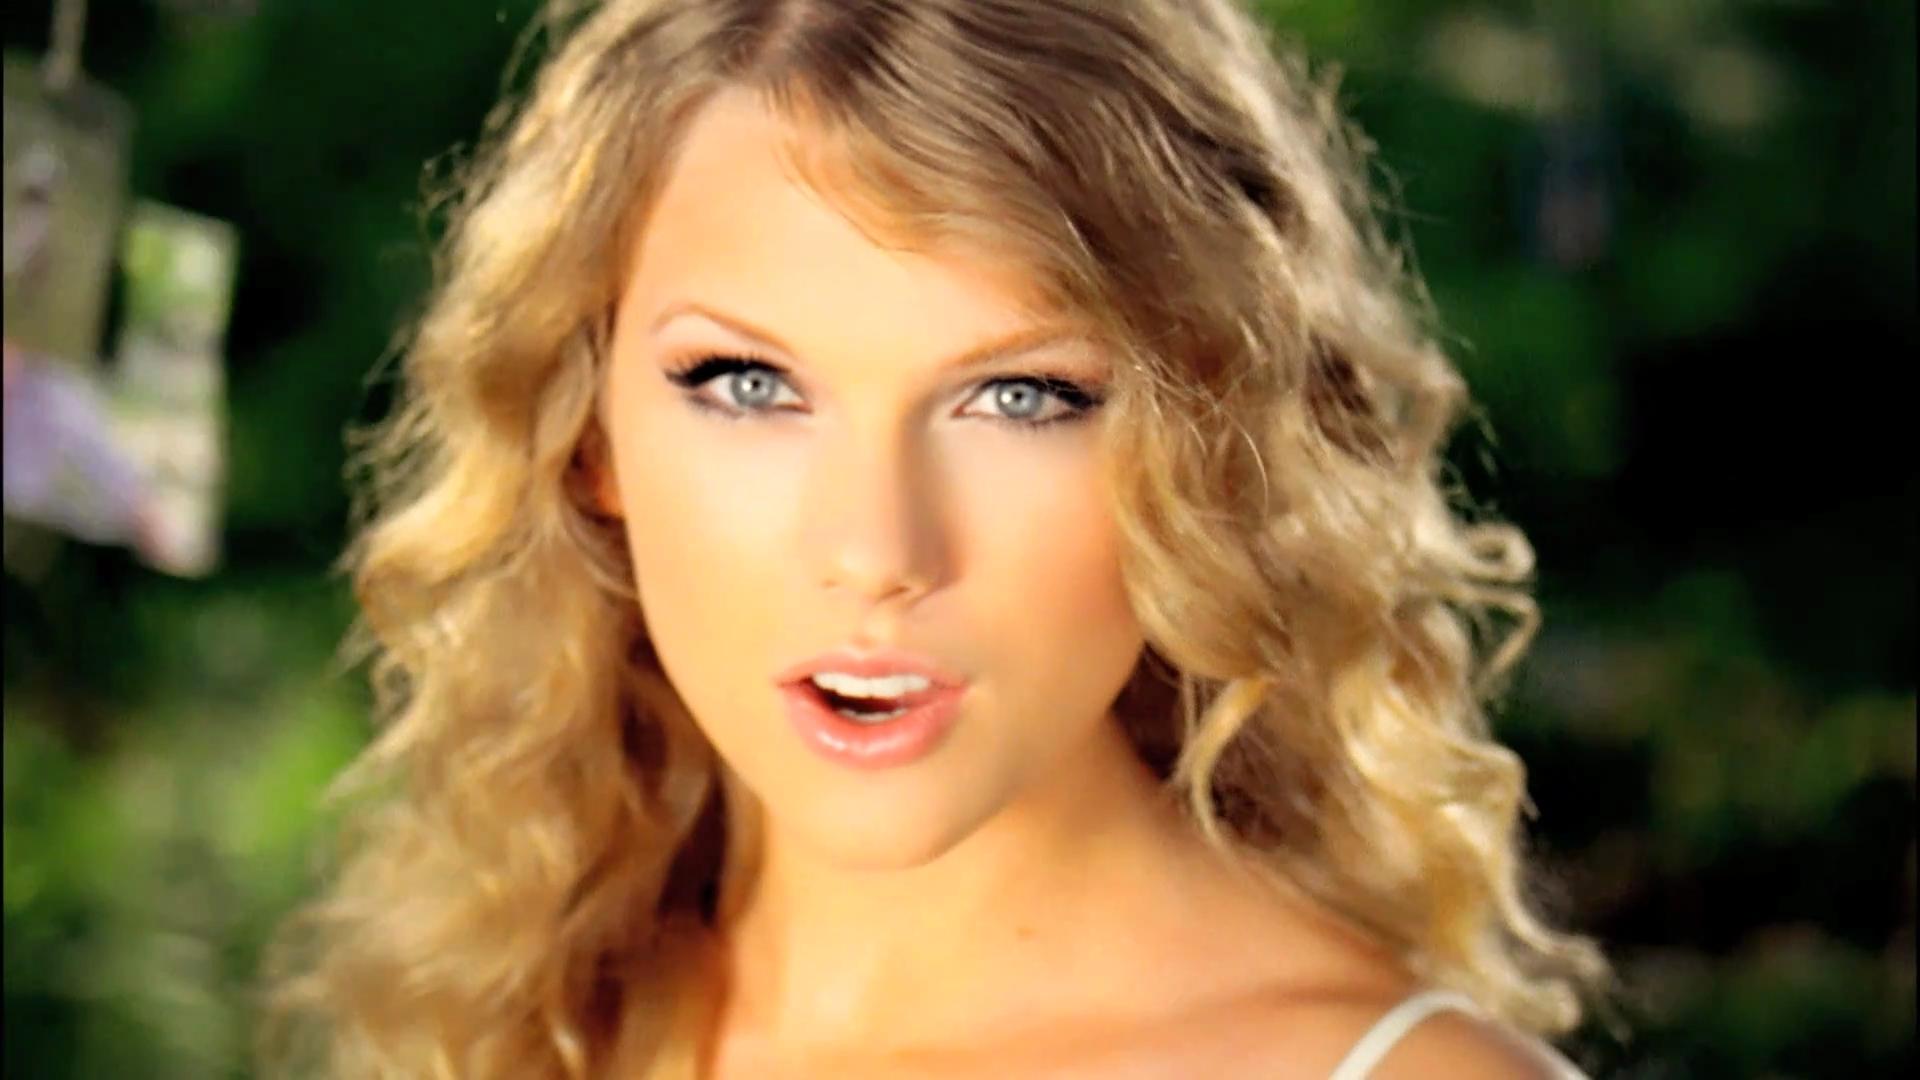 Sweet Taylor Swift - Sweety63 Wallpaper (30713963) - Fanpop